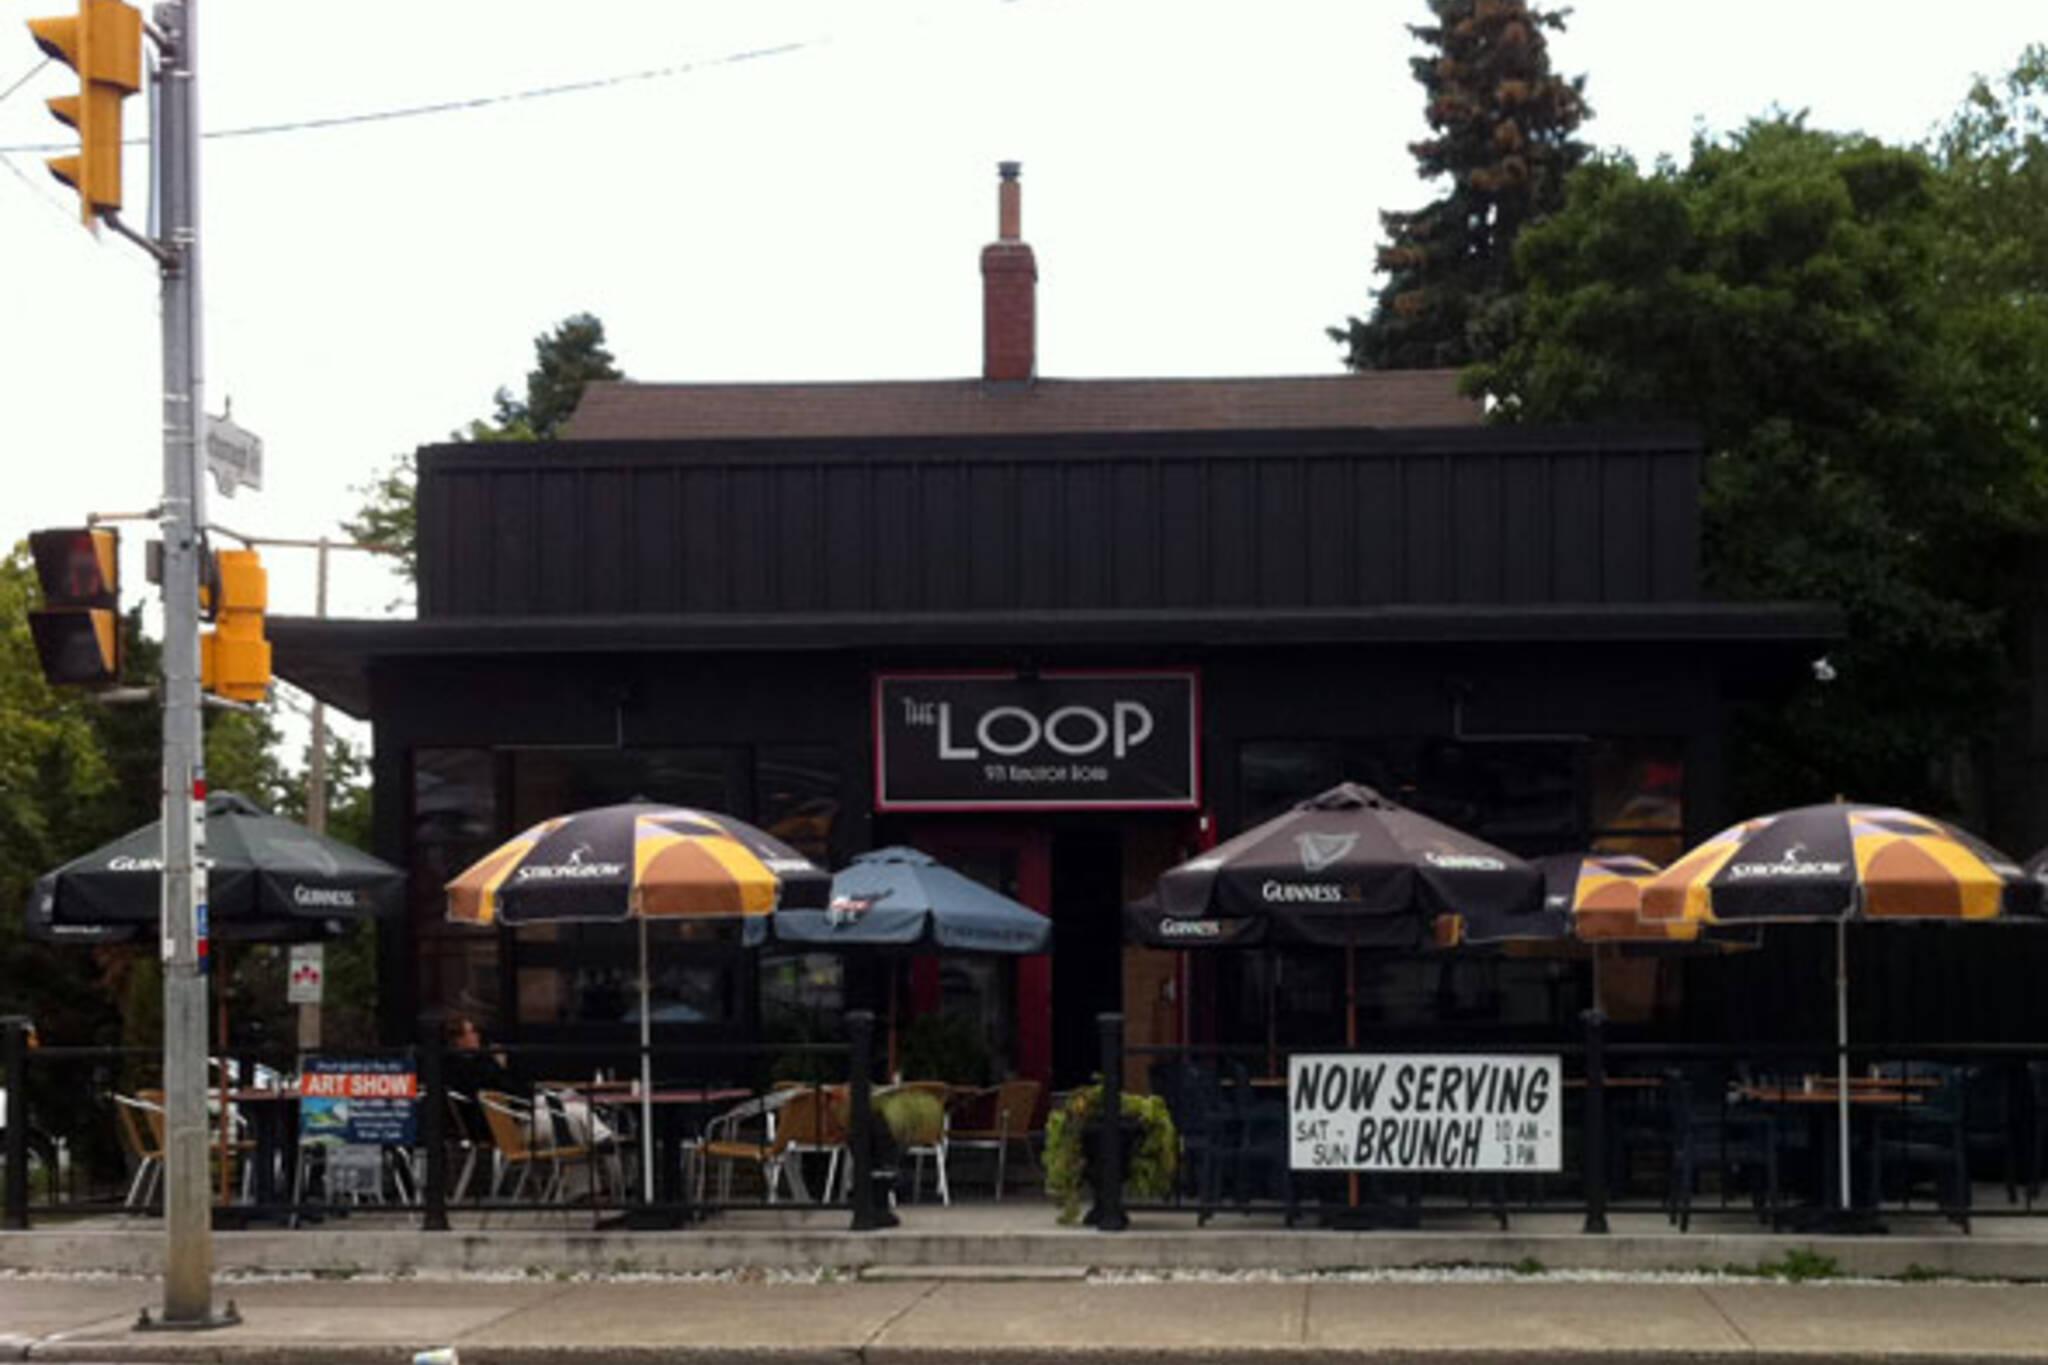 The Loop Toronto